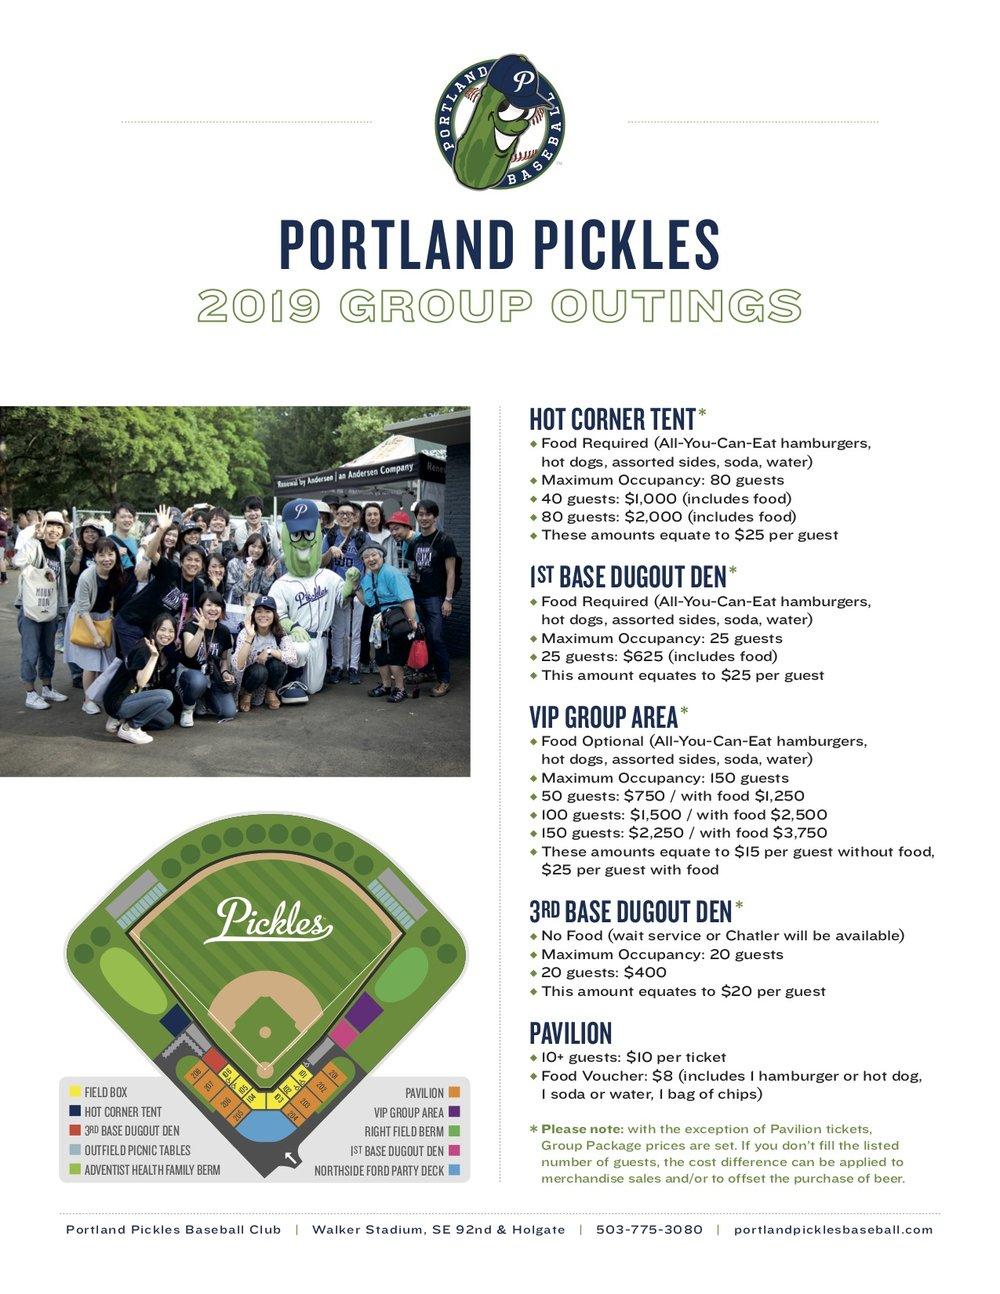 2019 Portland Pickles Group Outings  (1).jpg